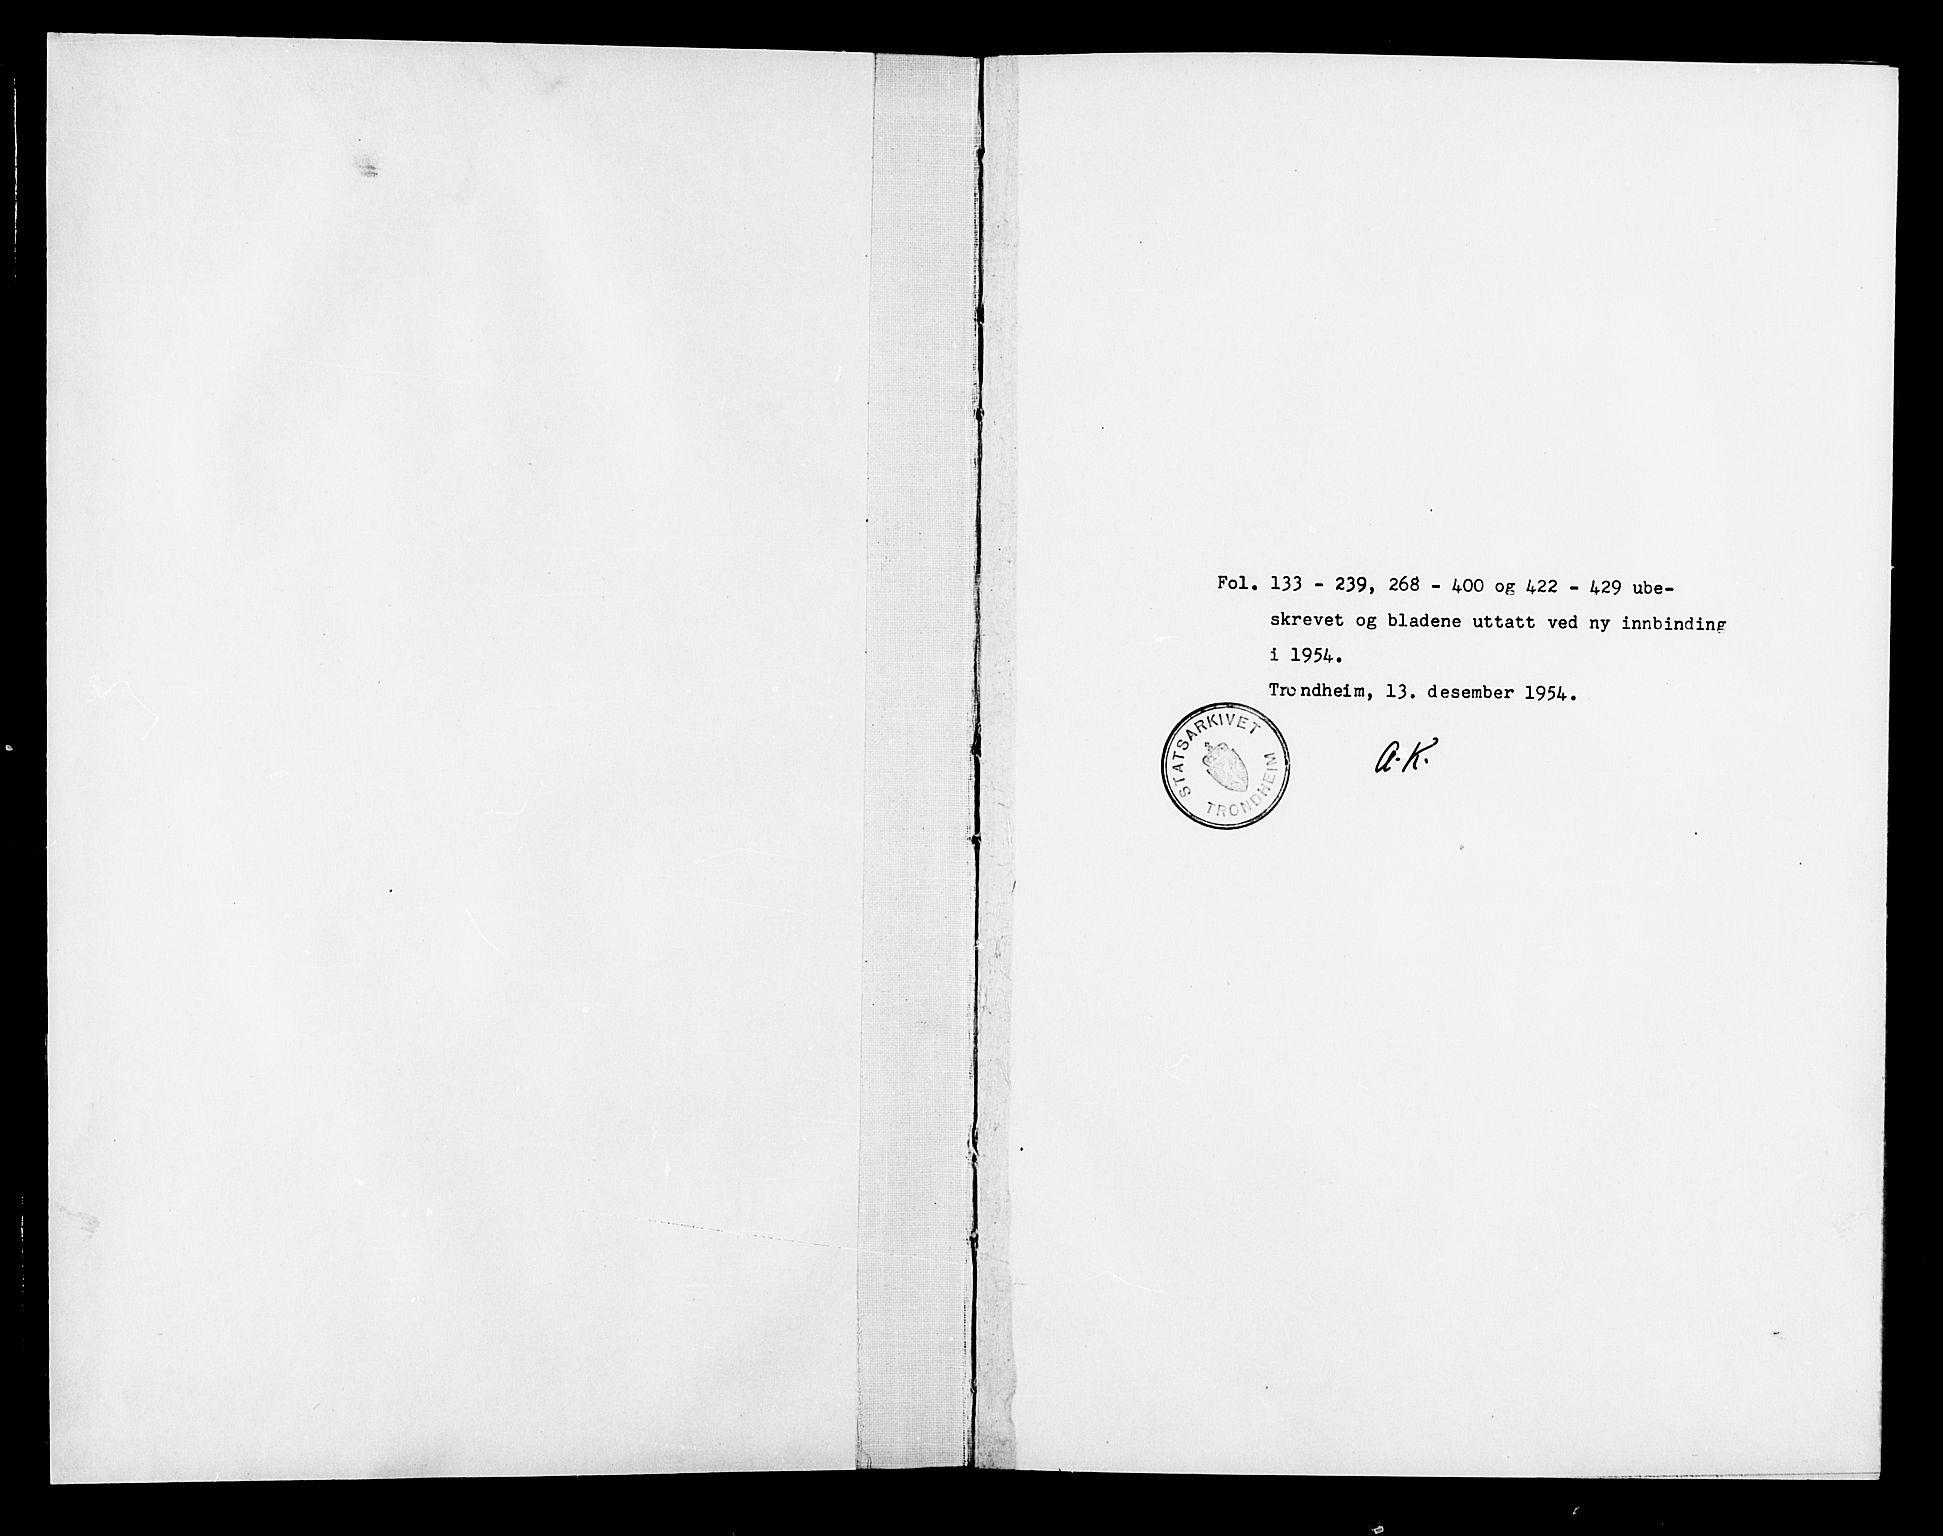 SAT, Ministerialprotokoller, klokkerbøker og fødselsregistre - Sør-Trøndelag, 686/L0985: Klokkerbok nr. 686C01, 1871-1933